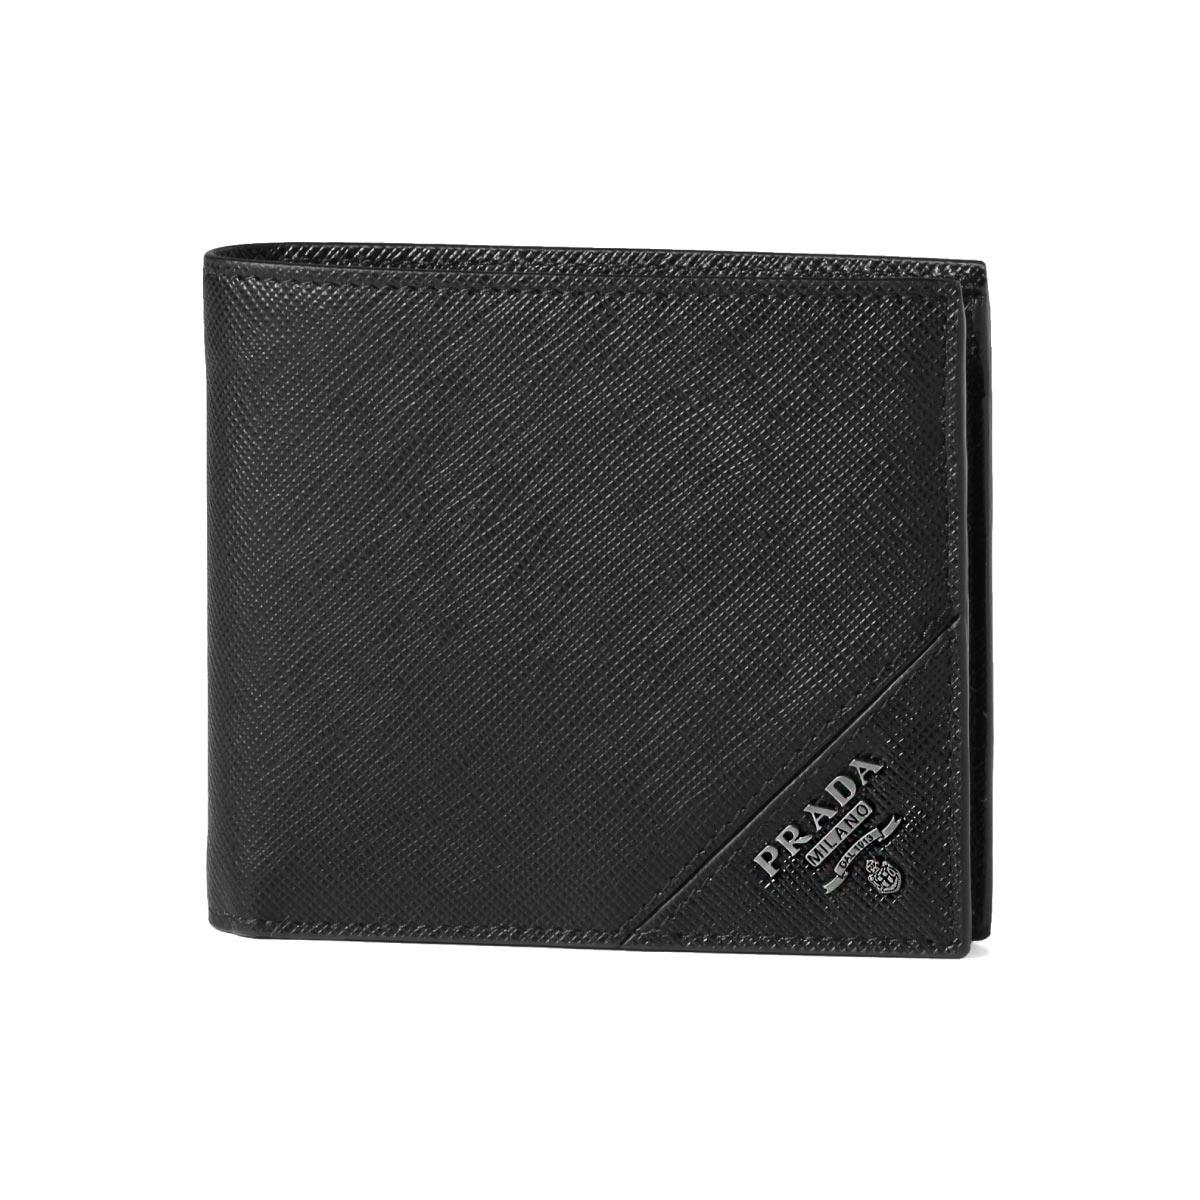 プラダ PRADA 財布 メンズ 2MO738 QME F0002 二つ折り財布 SAFFIANO METAL NERO ブラック